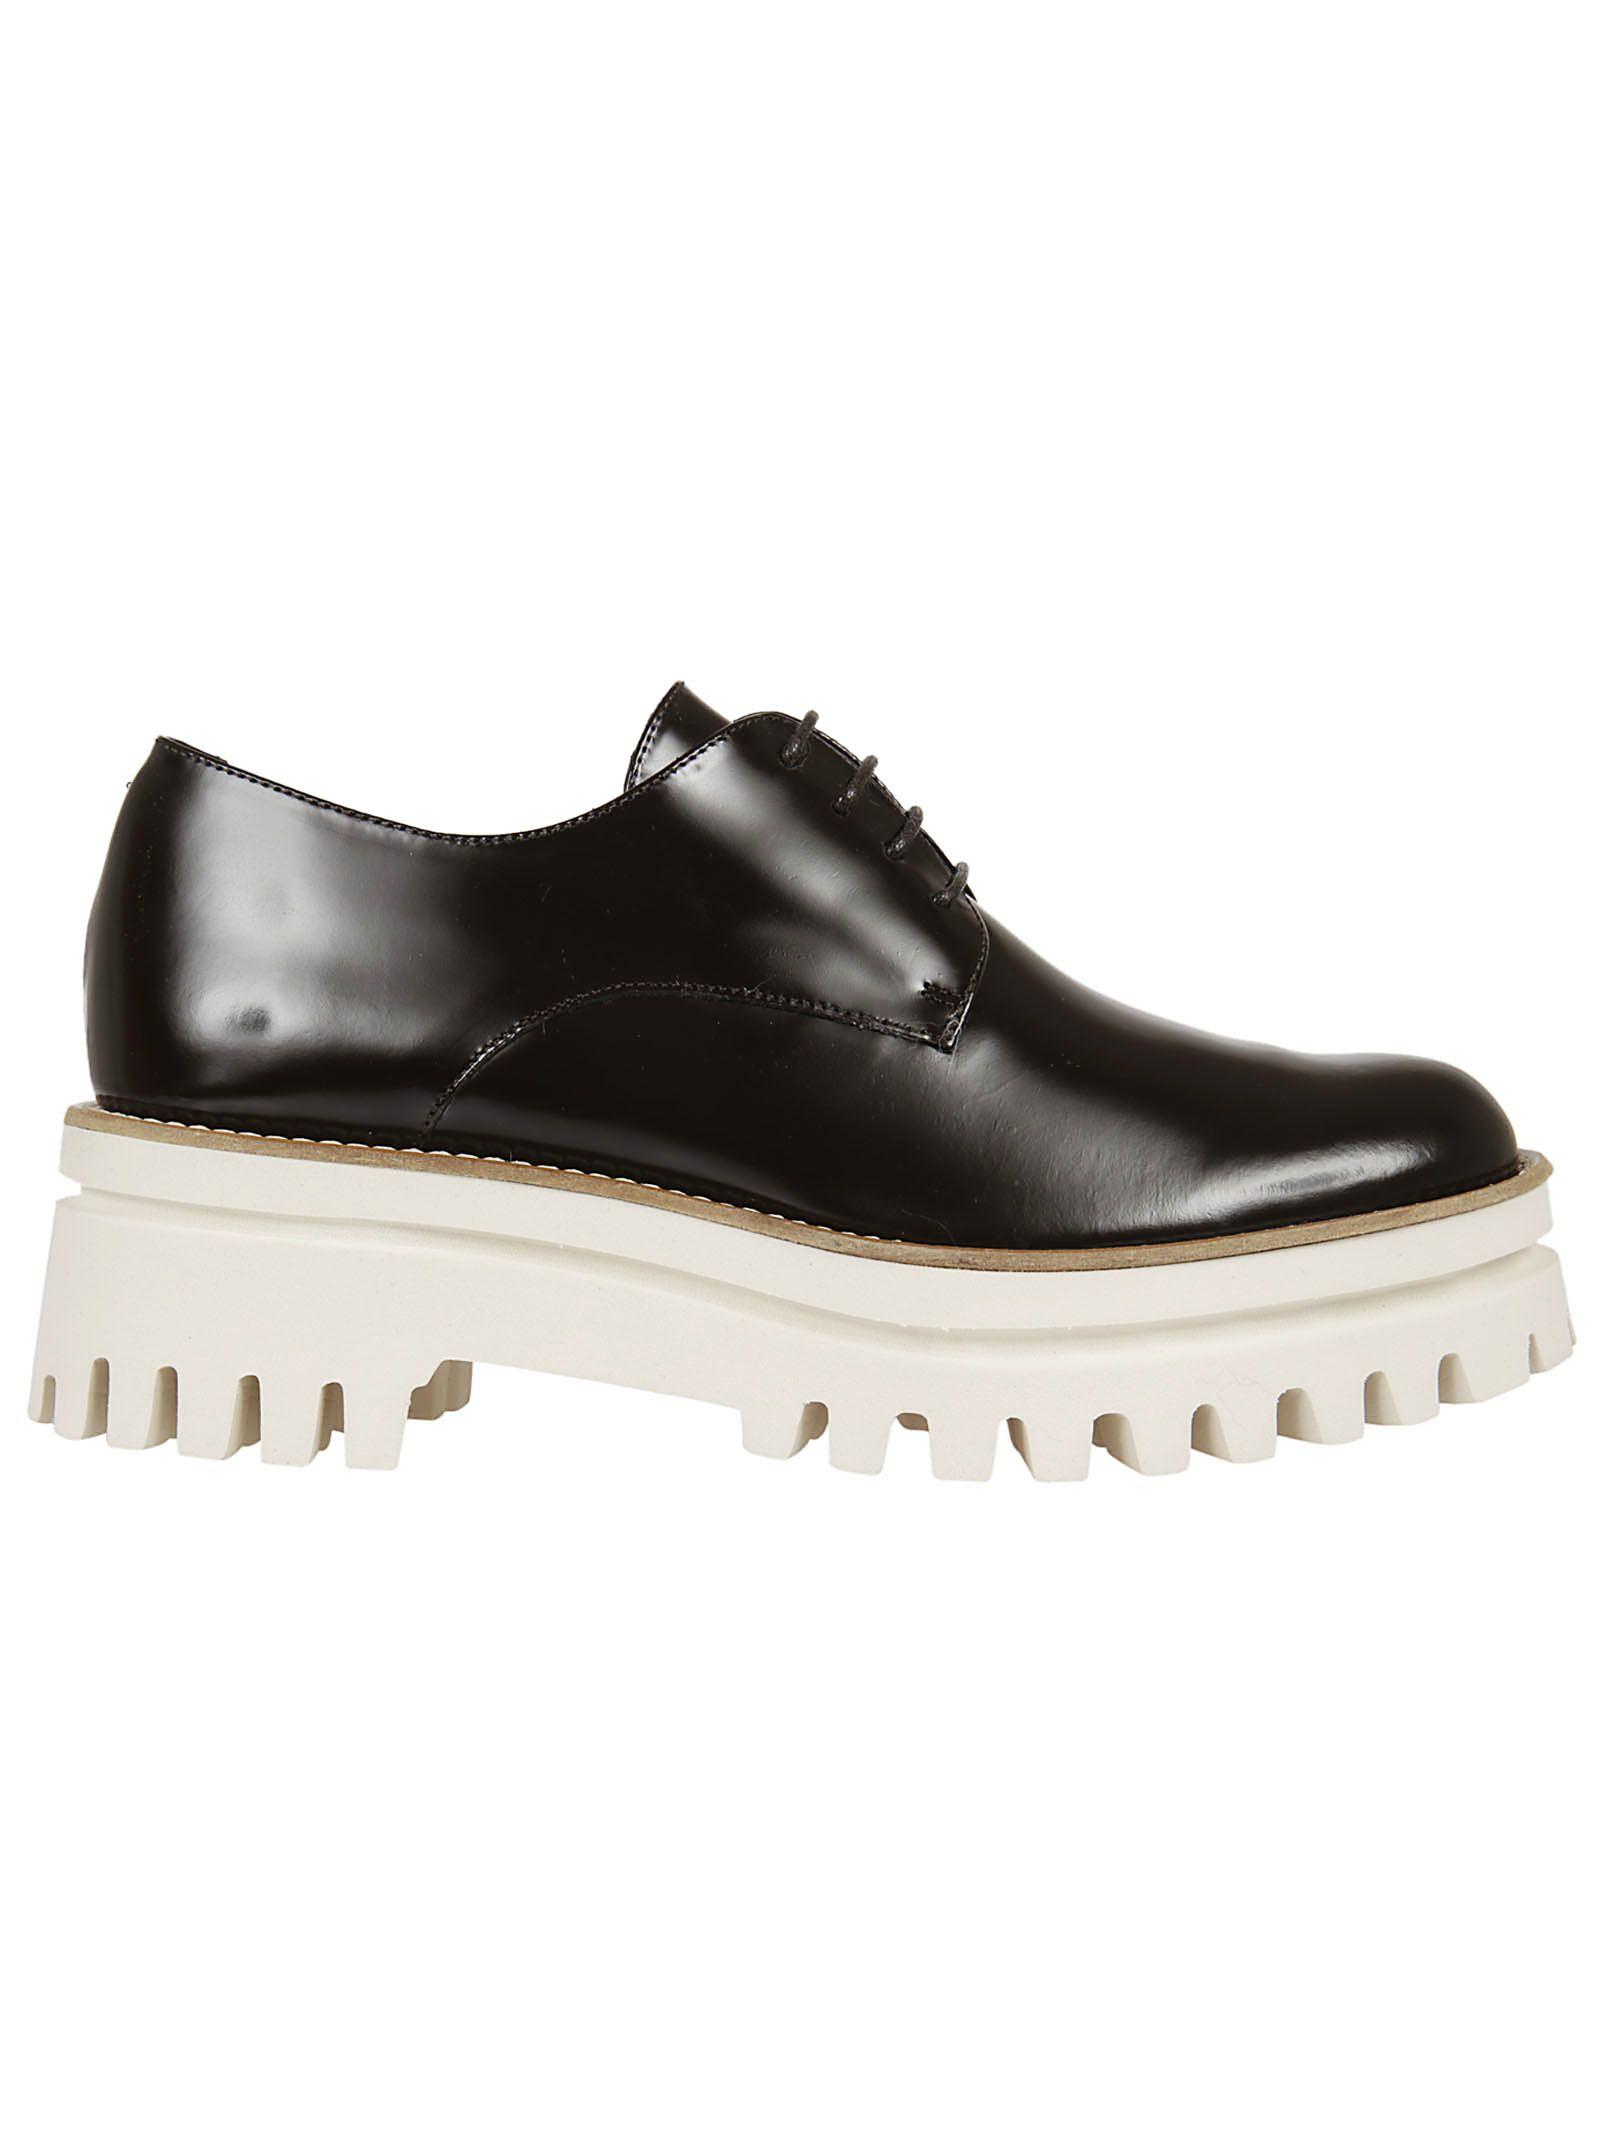 Paloma Barcelò Paloma Barcelo Sunshine Platform Derby Shoes